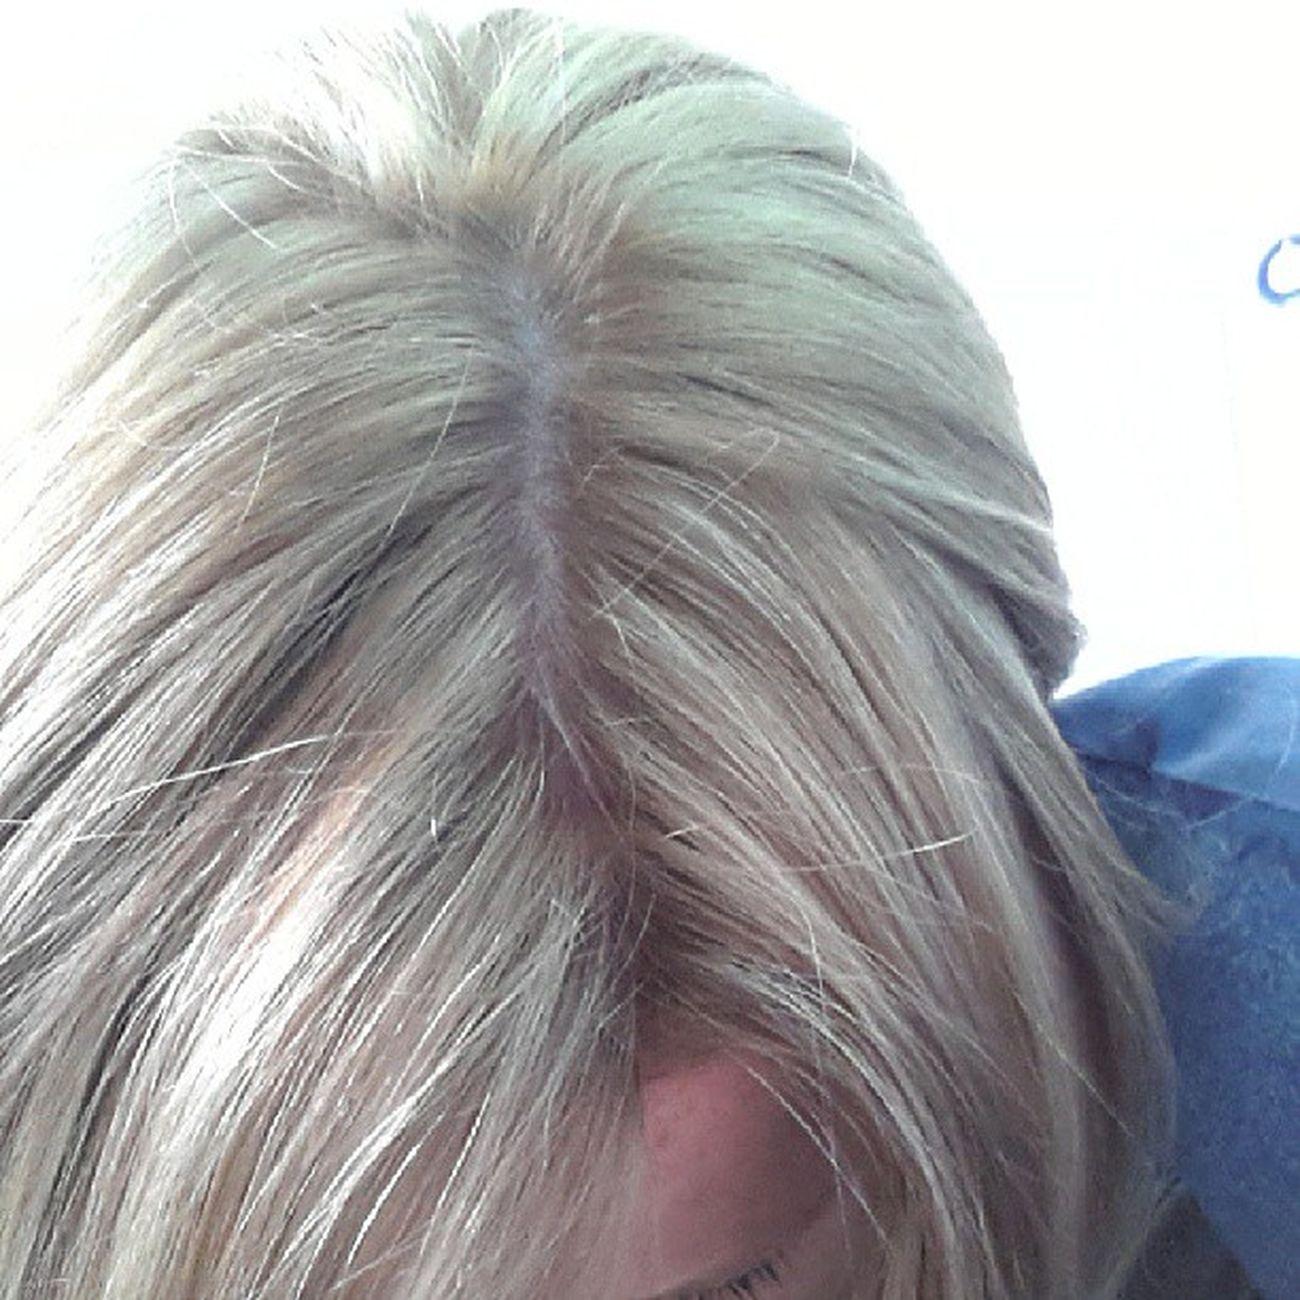 New hair colour! Love it! Thanks mum!!